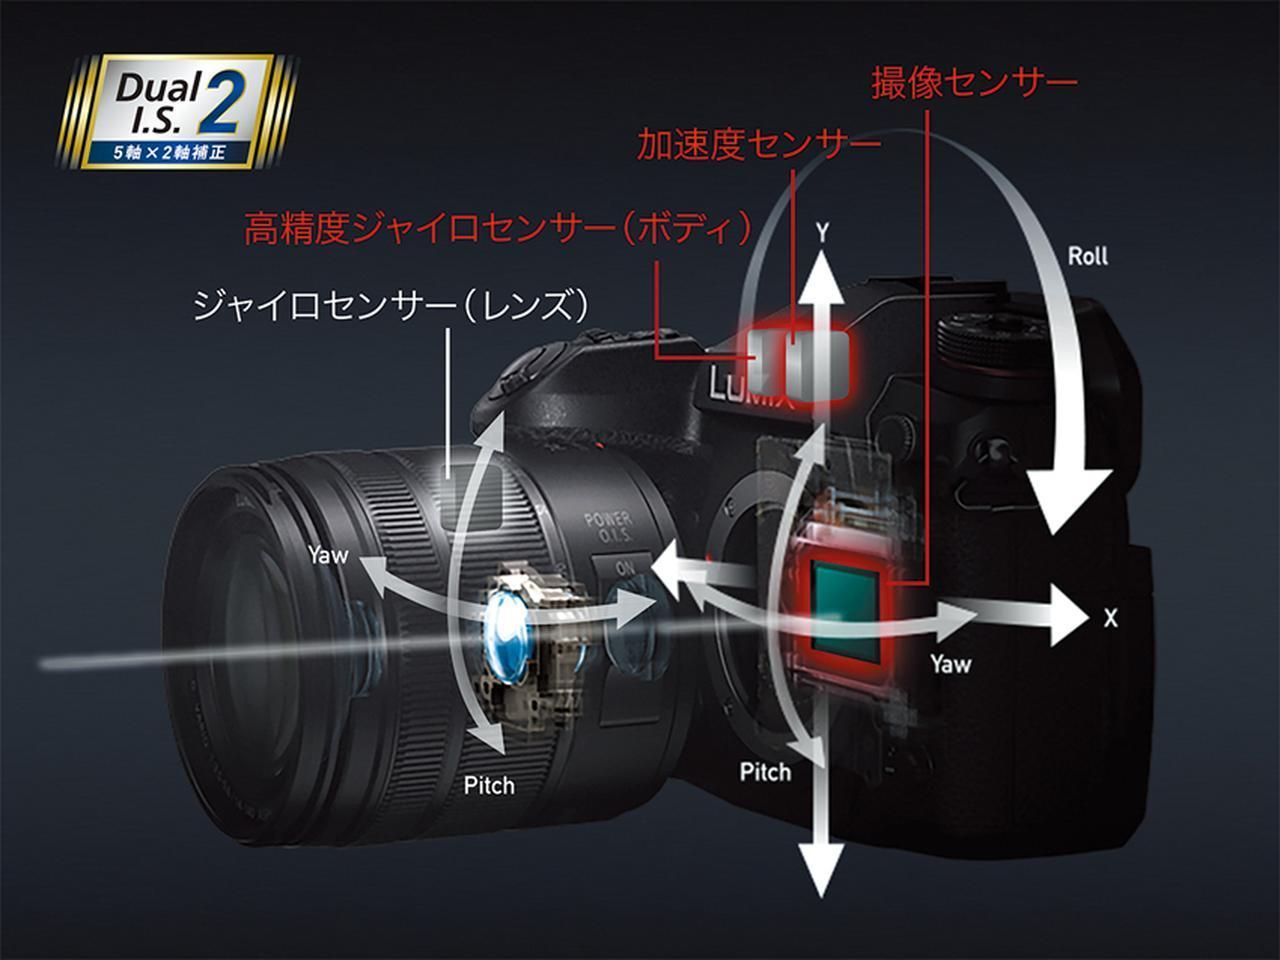 画像: ボディ内とレンズ内の手ブレ補正をシンクロさせて、より高い効果を実現したのが、ハイブリッドタイプ。パナソニックのDC-G9は、望遠域まで6.5段の効果をうたう。